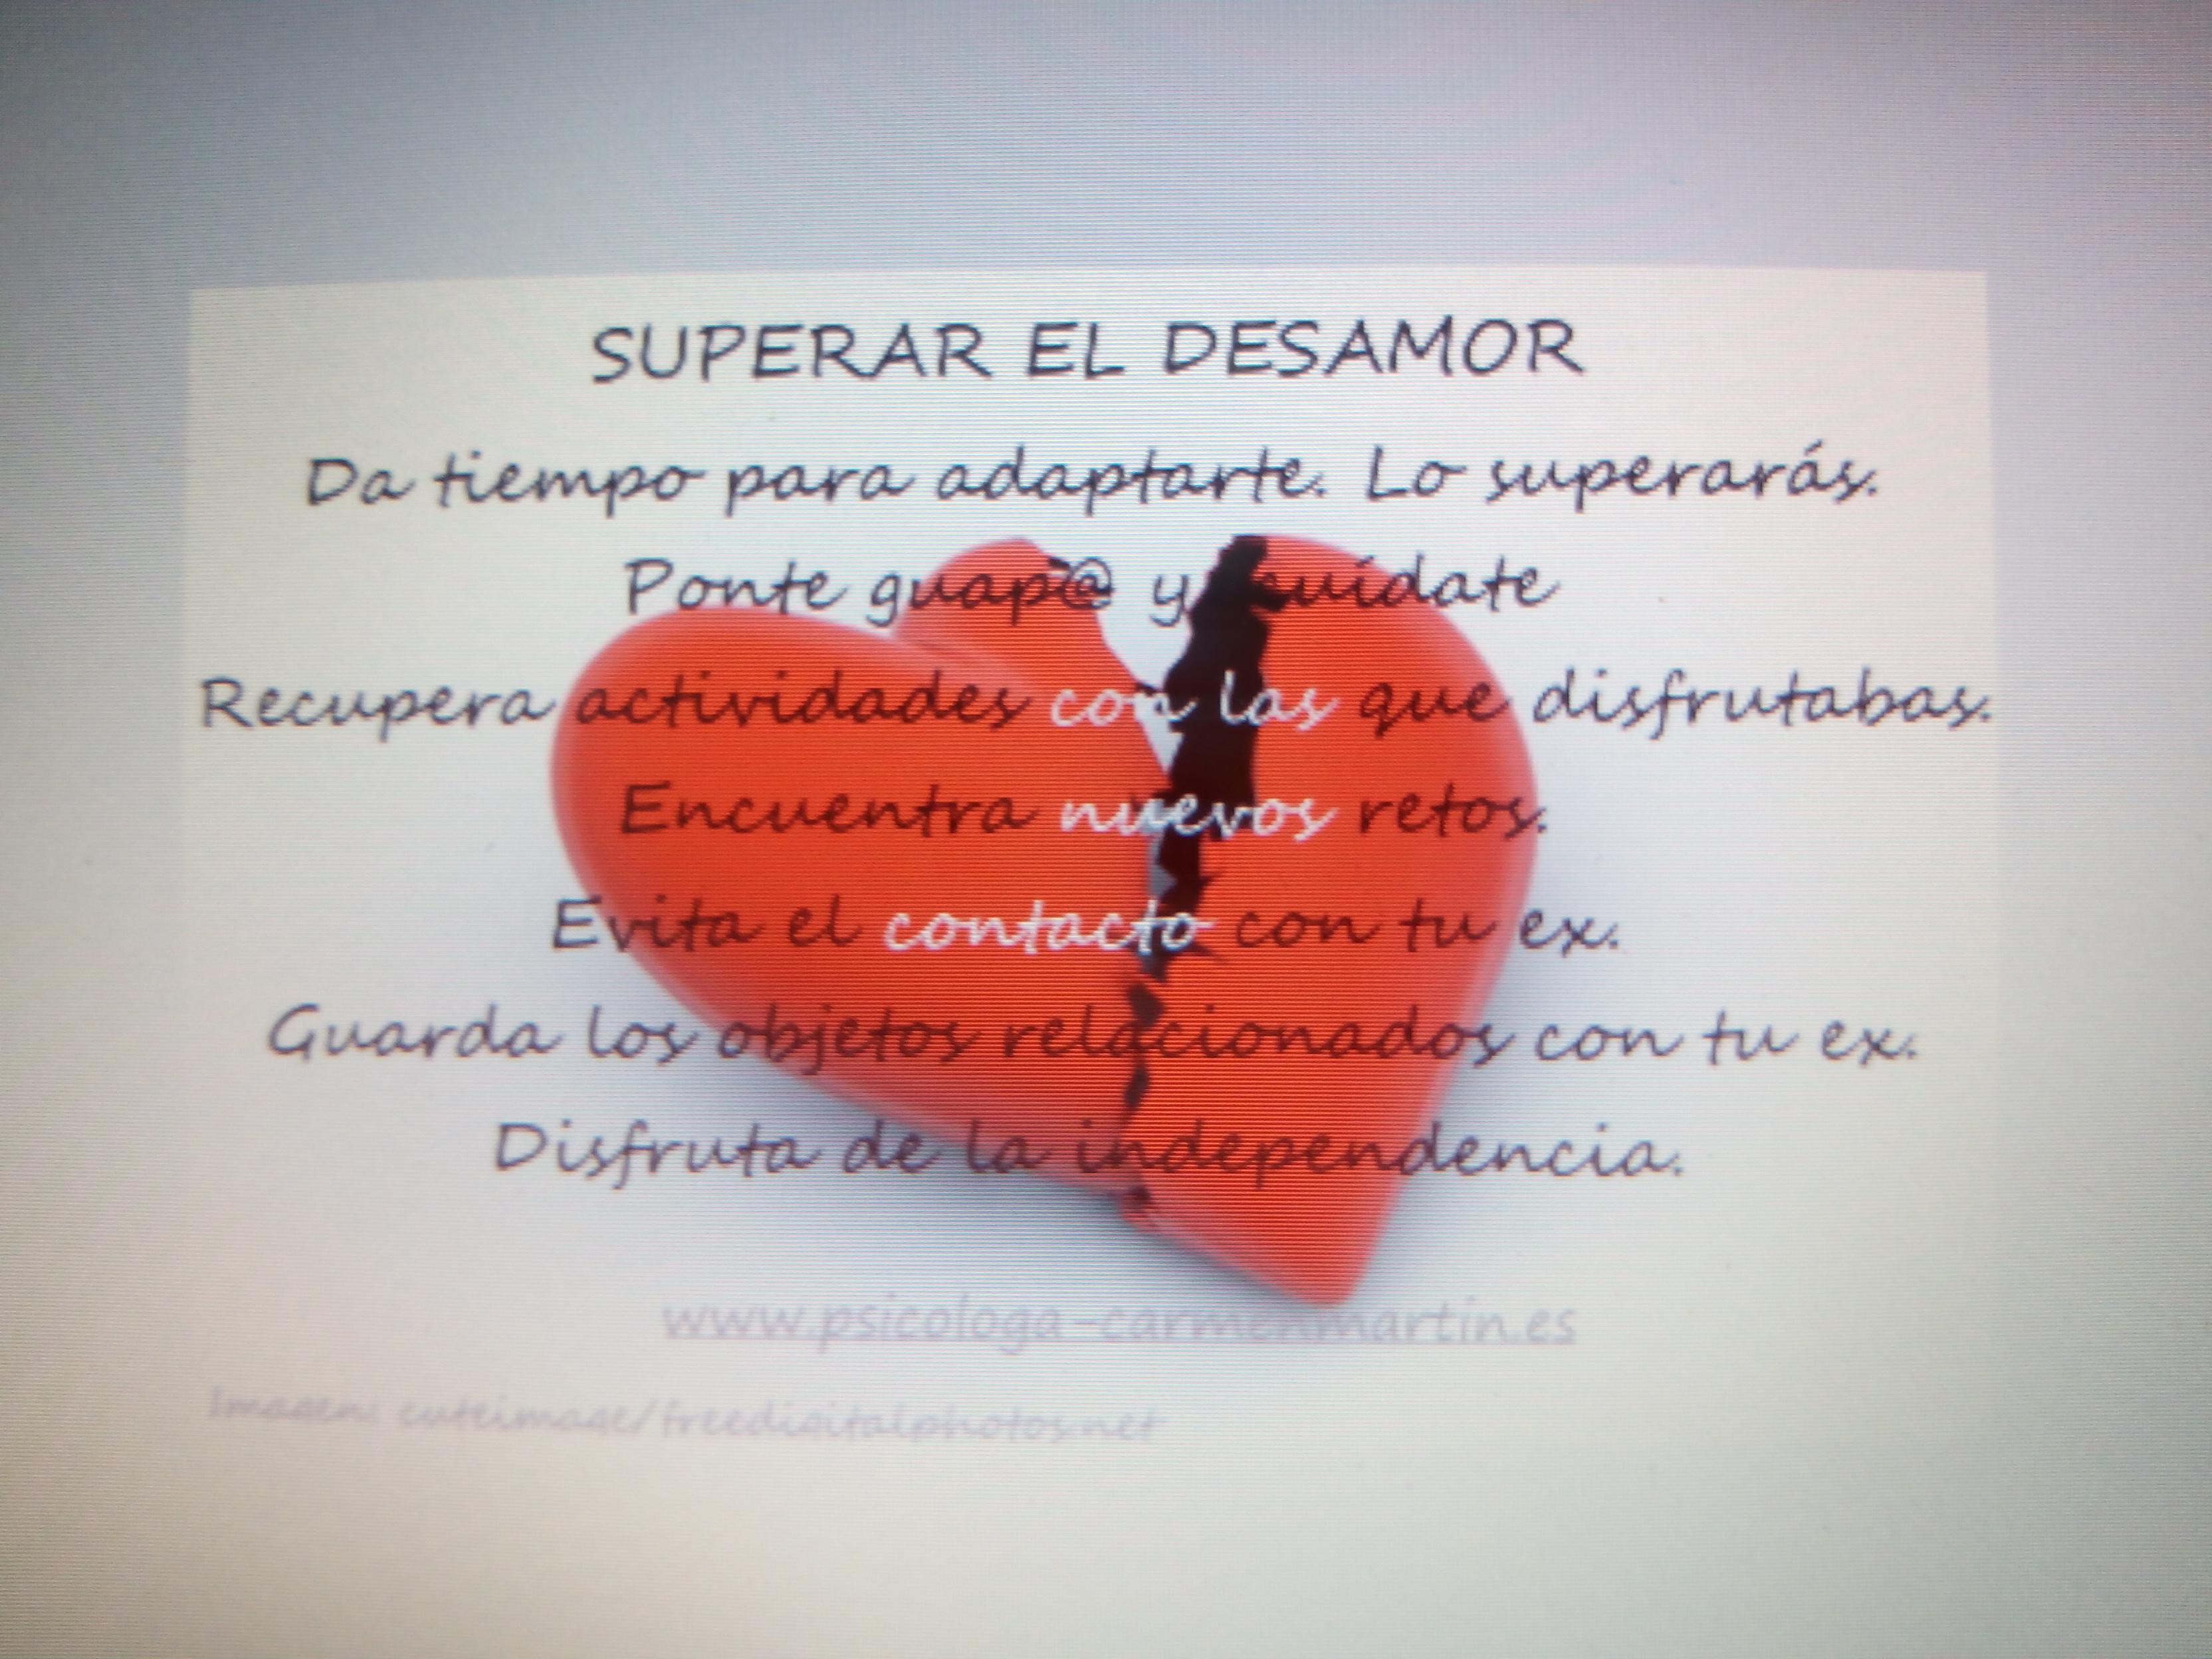 Cómo Superar El Desamor Psicóloga Boadilla Del Monte